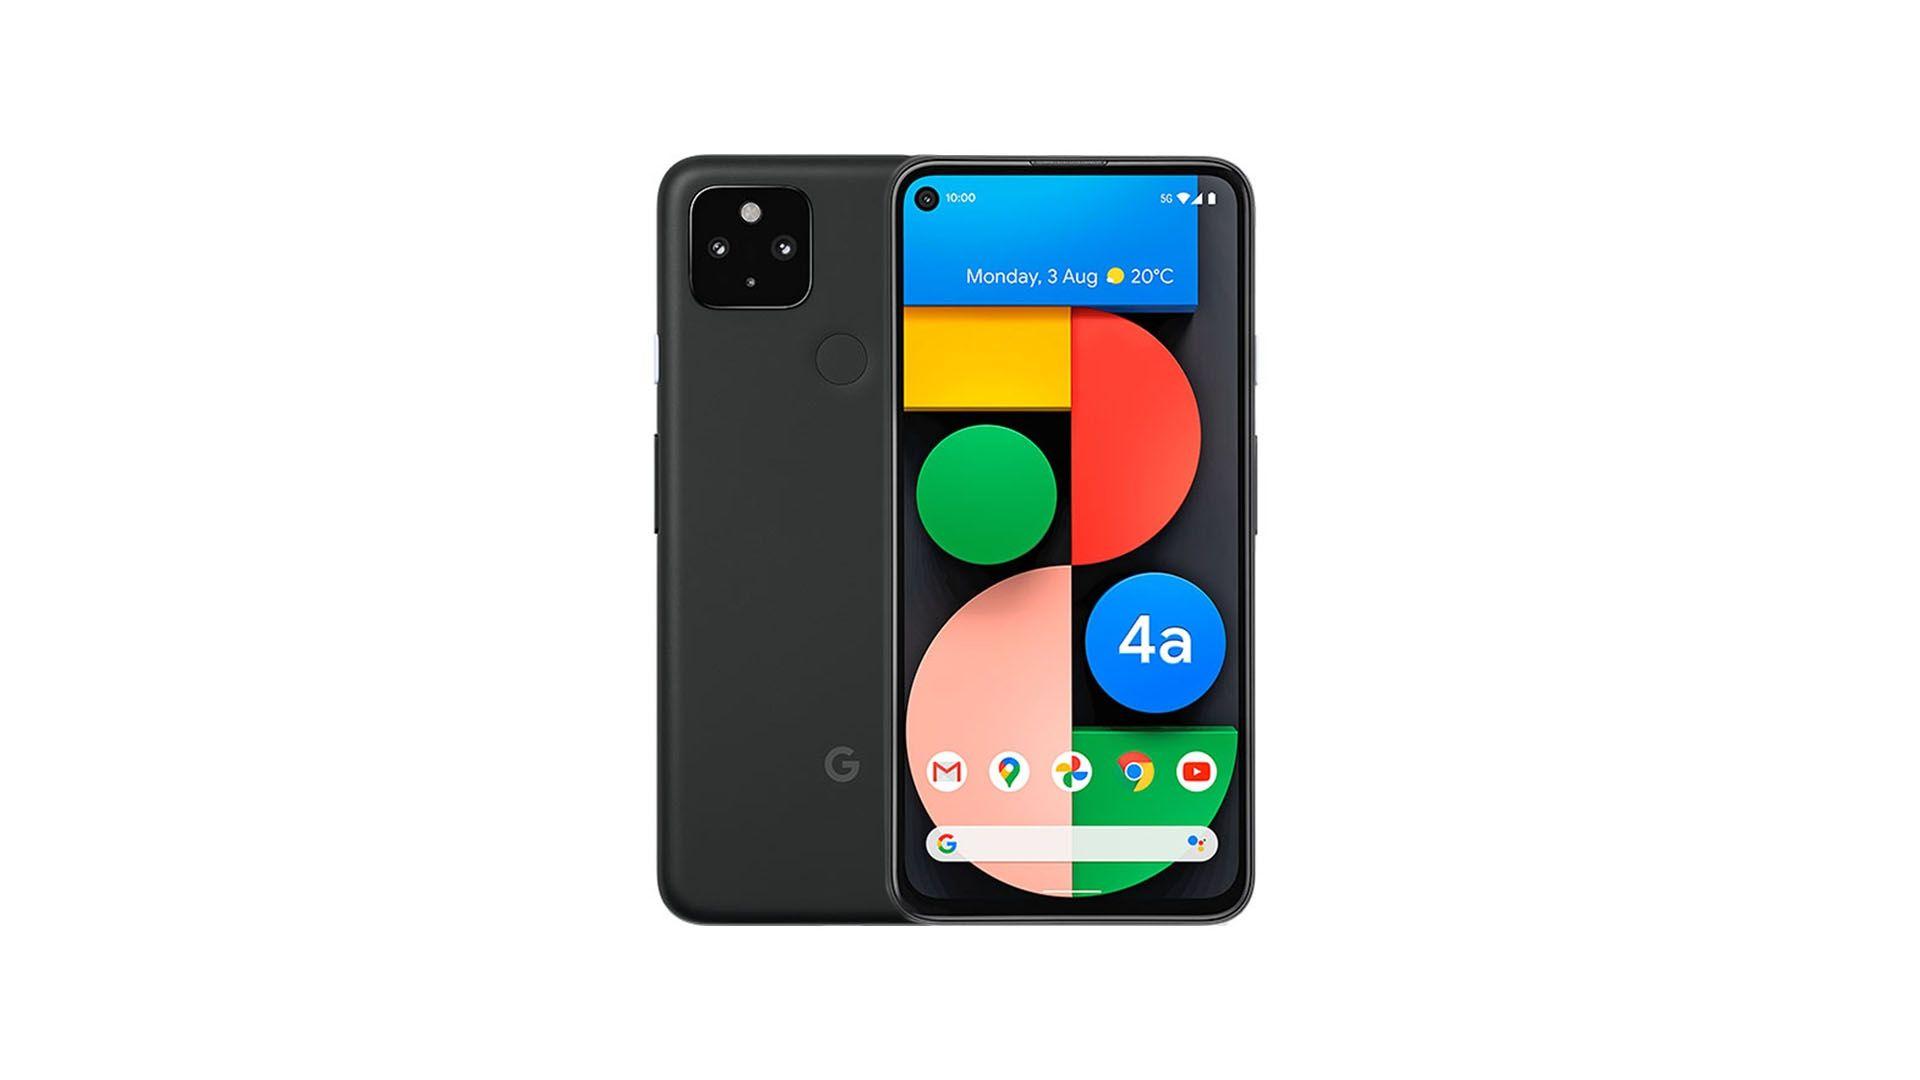 O Google Pixel 4a é o primeiro celular com 5G do Google. (Foto: Divulgação/Google)